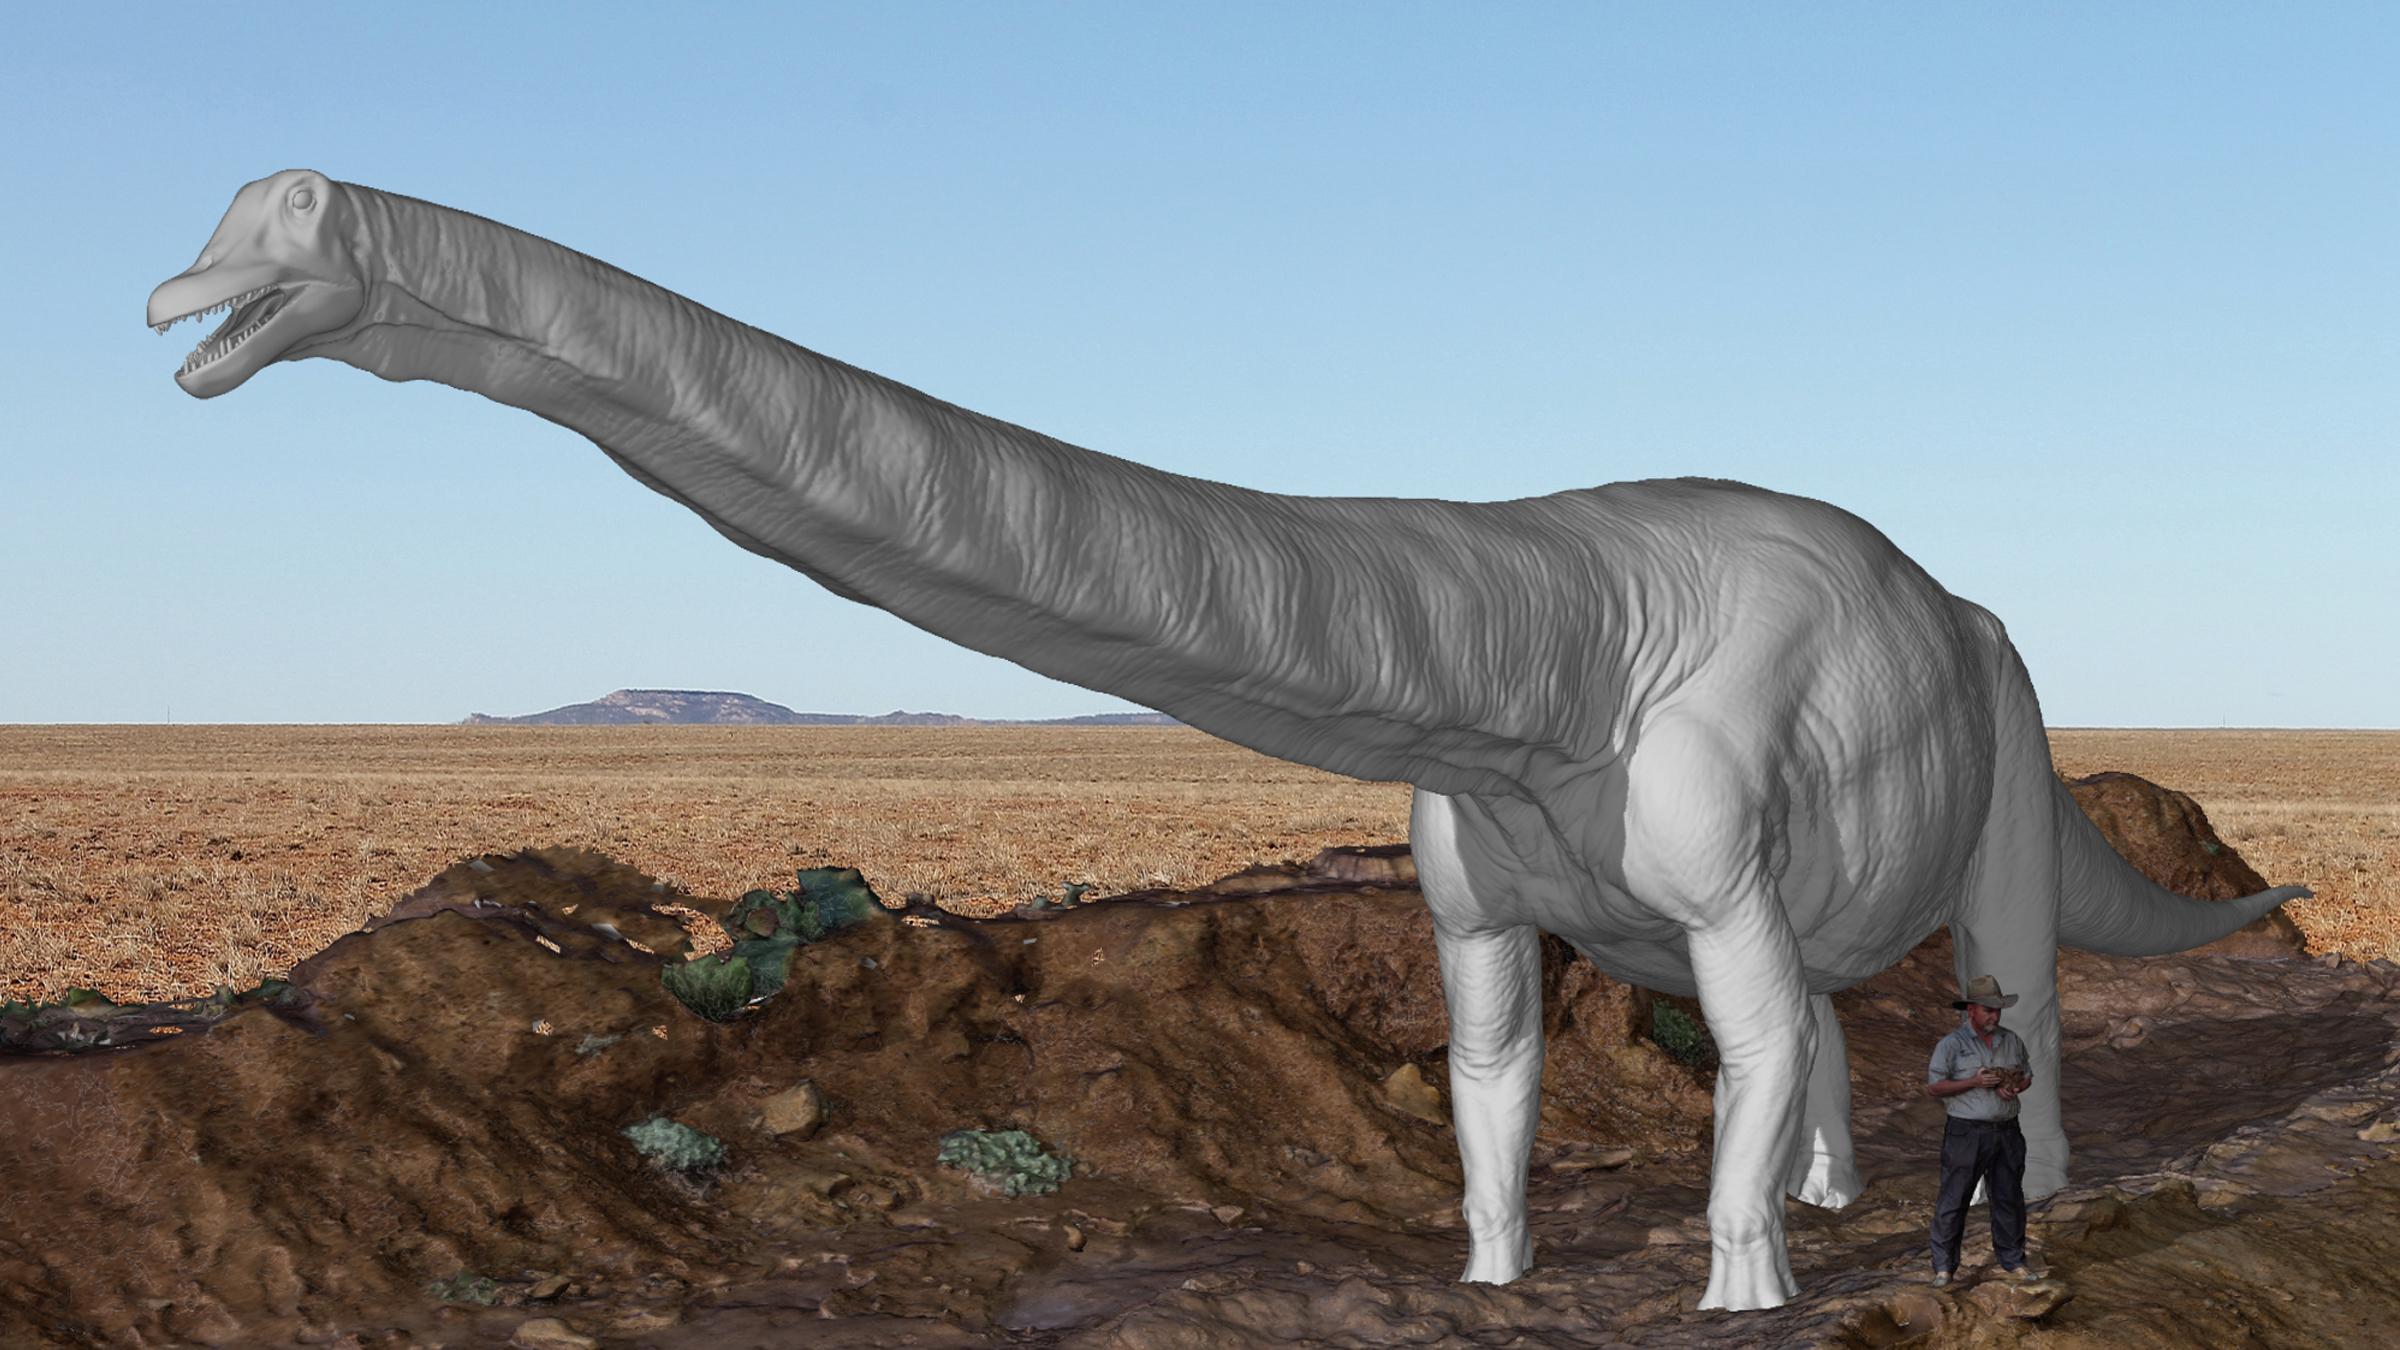 Une reconstitution virtuelle de Cooper se tenant à côté de l'autoroute des dinosaures, à l'échelle humaine.